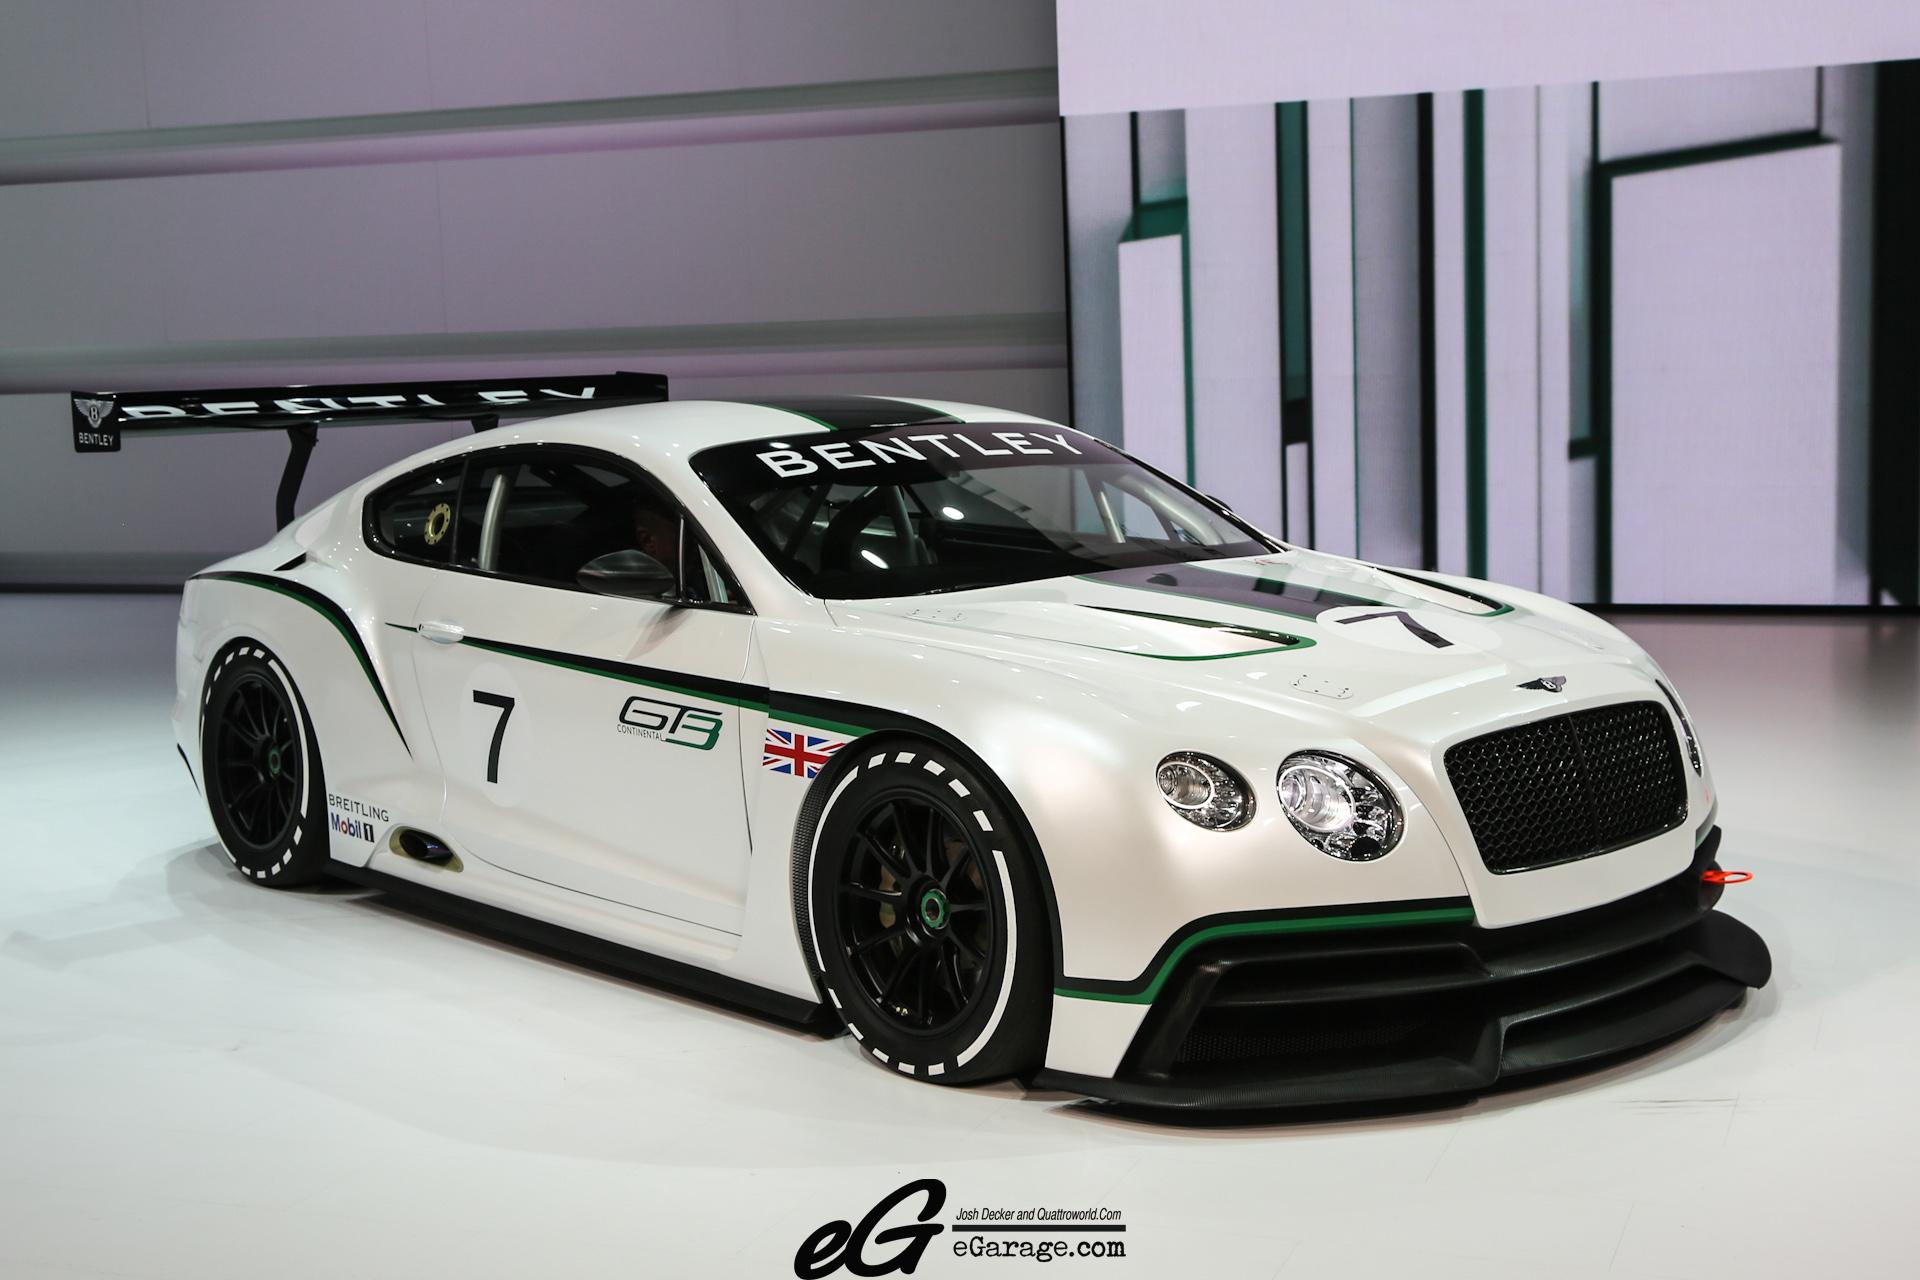 8030385339 f6d0d525e5 o 2012 Paris Motor Show